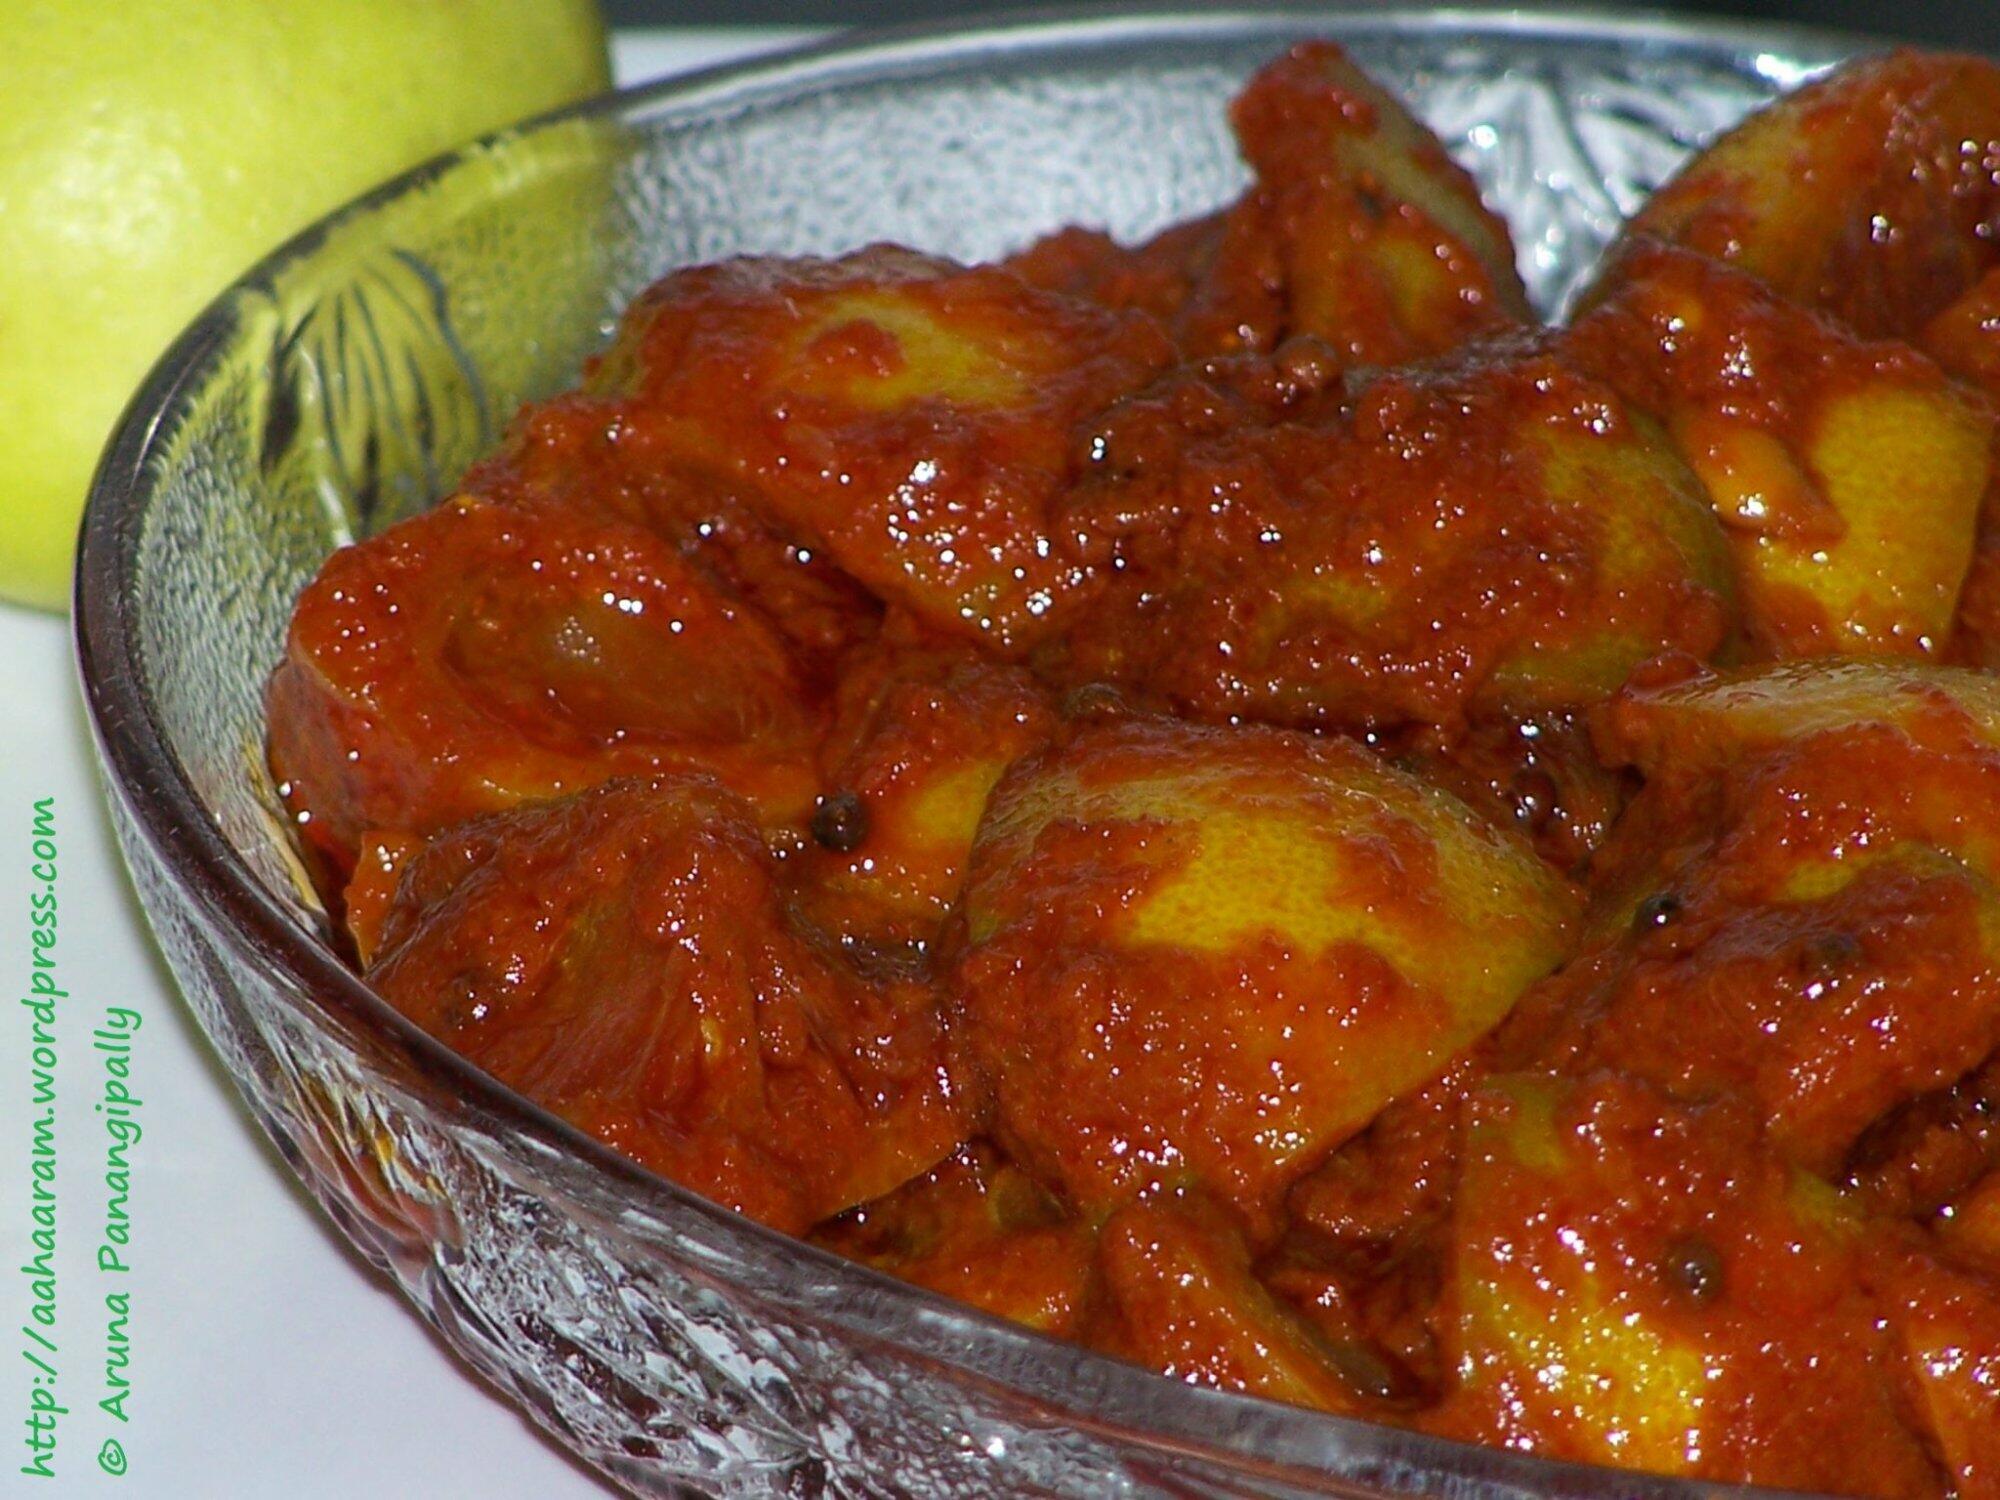 Nimmakaya Uragaya   Andhra Style Lemon Pickle in Oil